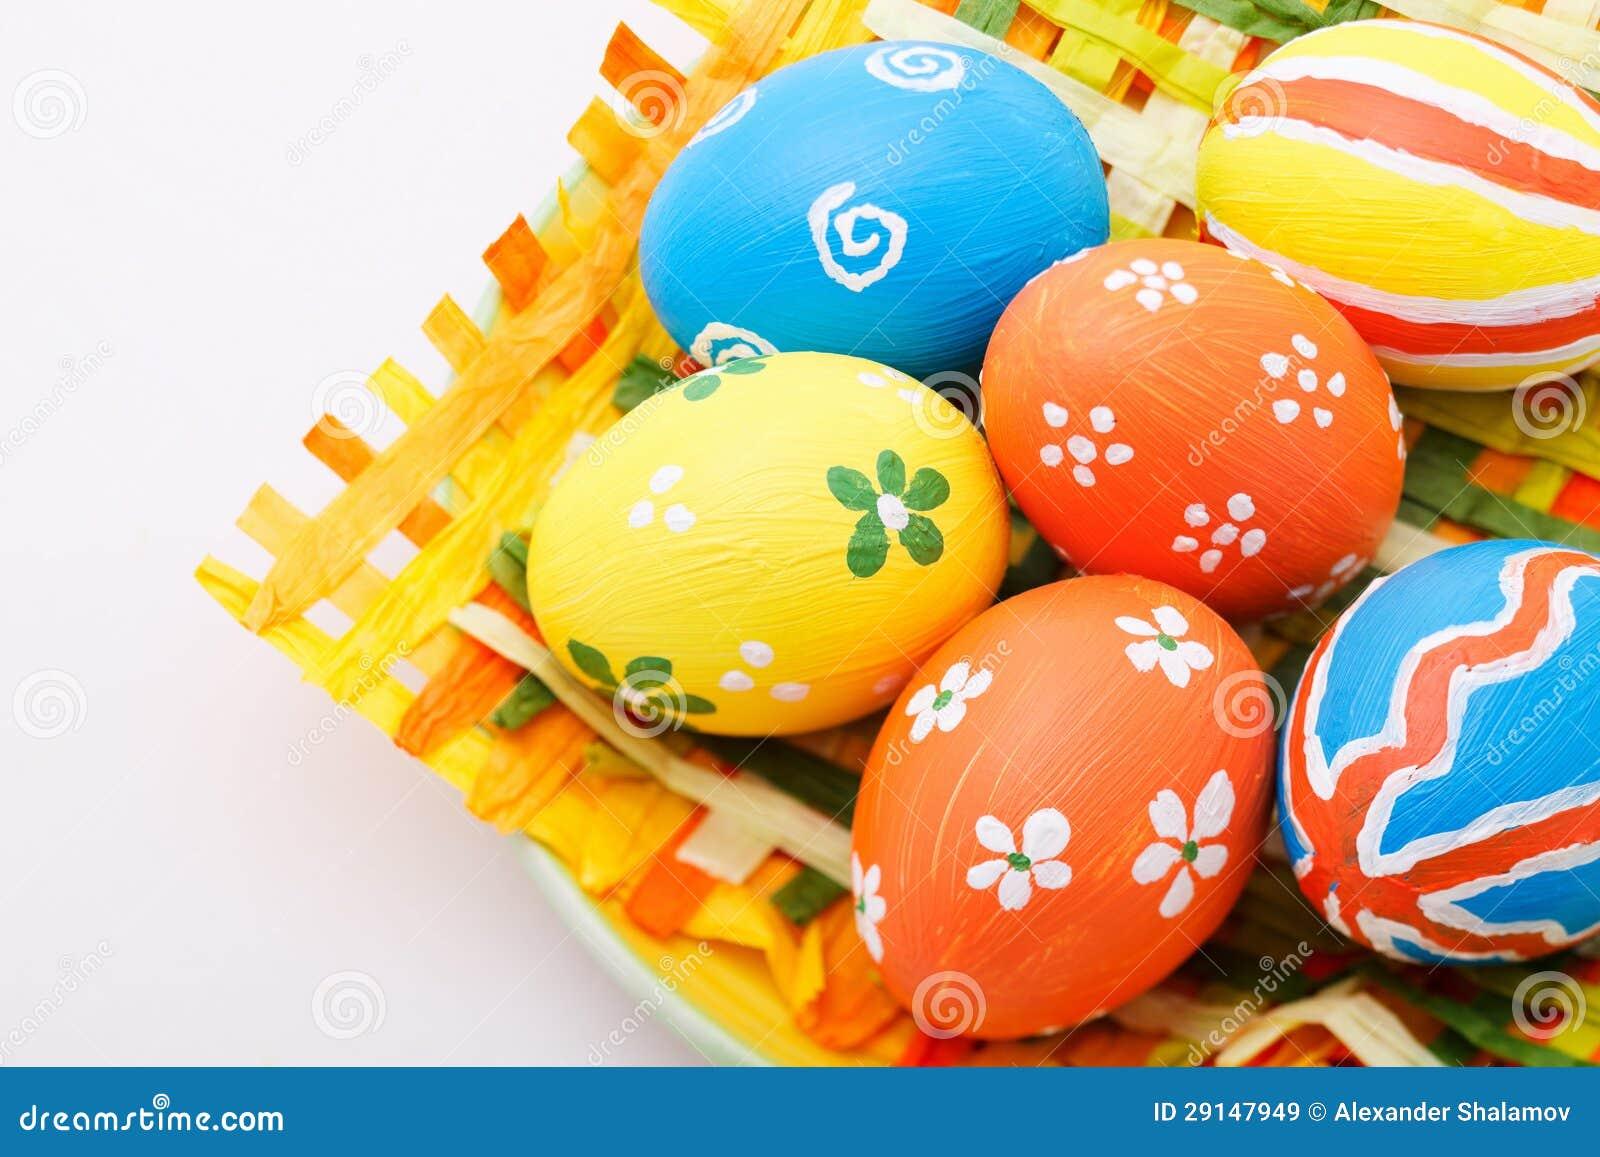 Uova di pasqua dipinte a mano immagini stock libere da - Uova di pasqua decorati a mano ...